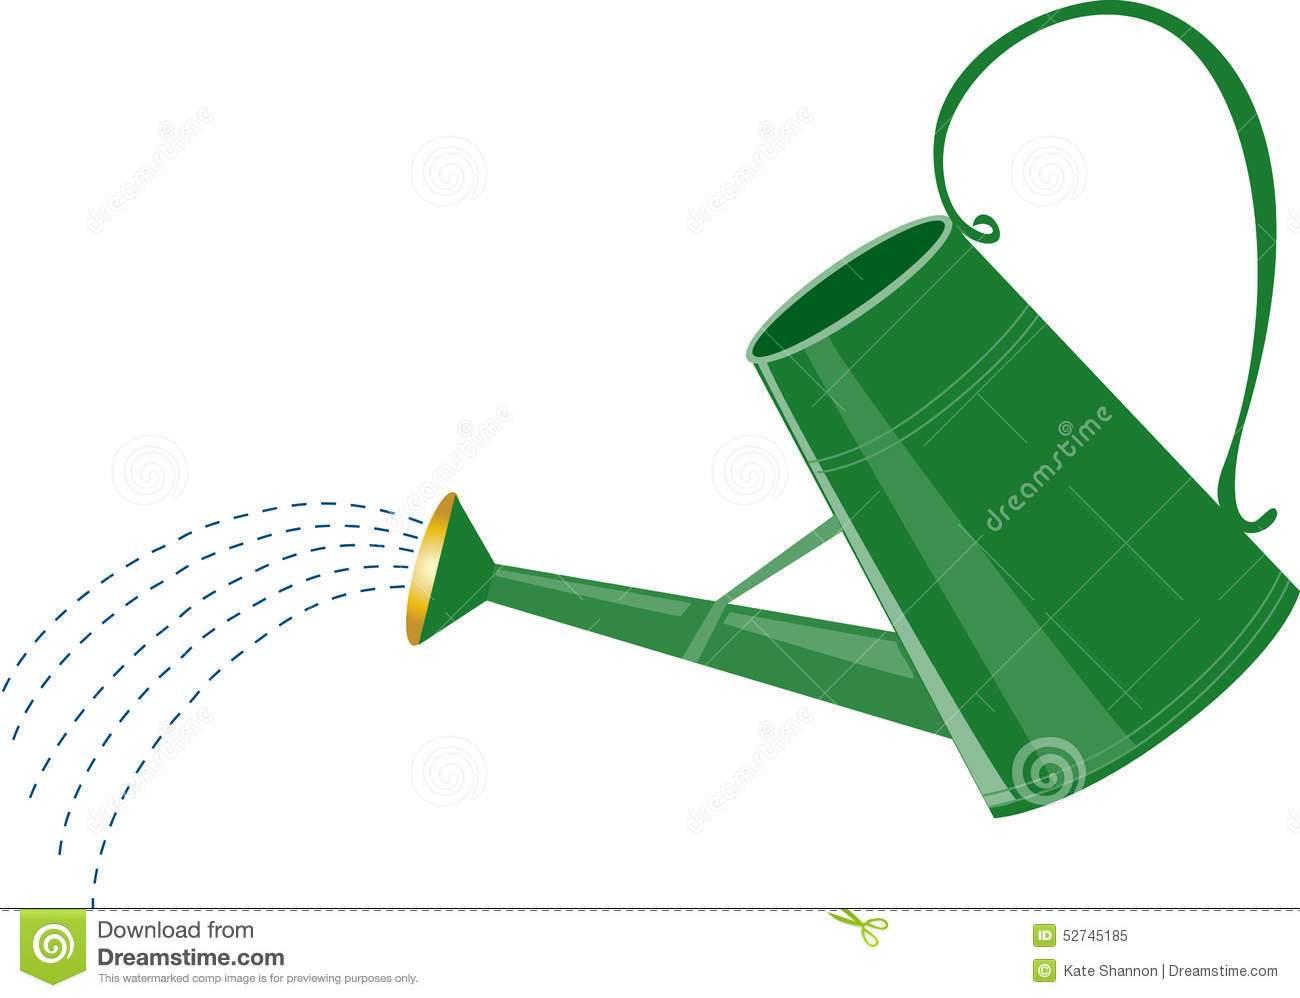 Hand sprinkler clipart 4 » Clipart Portal.